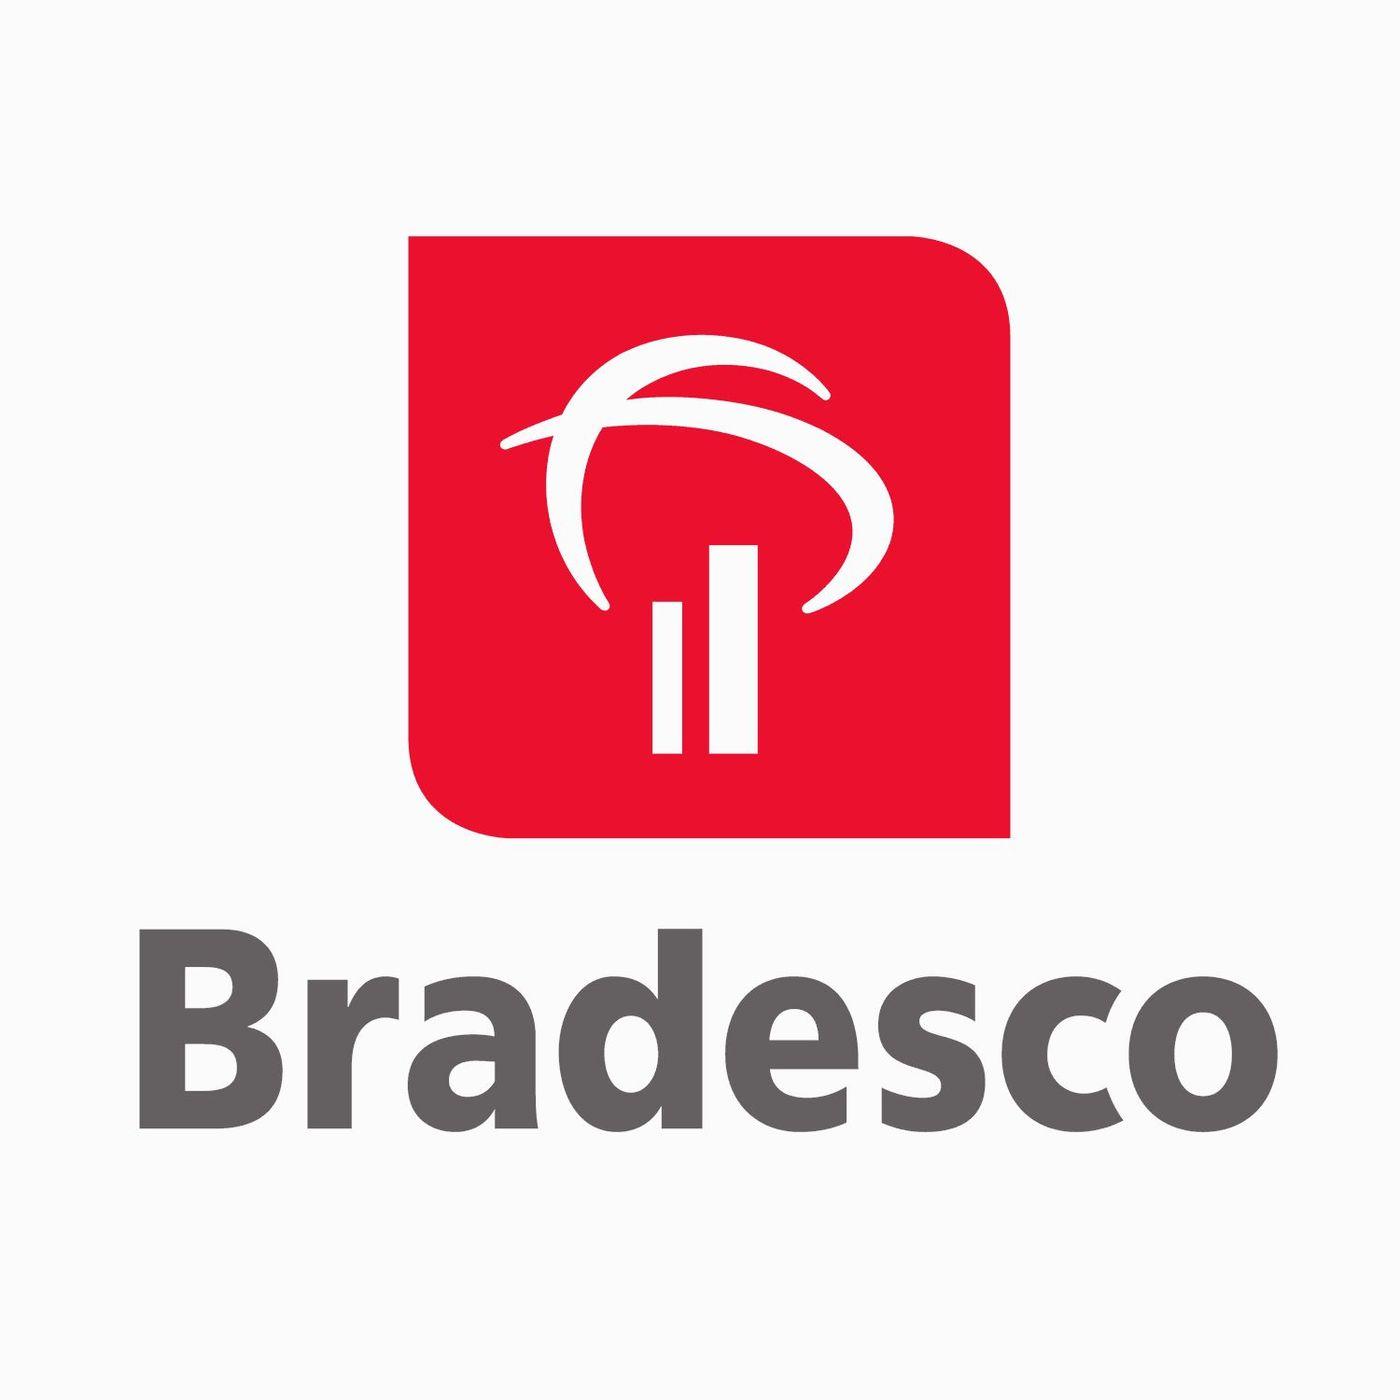 Teleconferência -  Resultados Bradesco 3T19